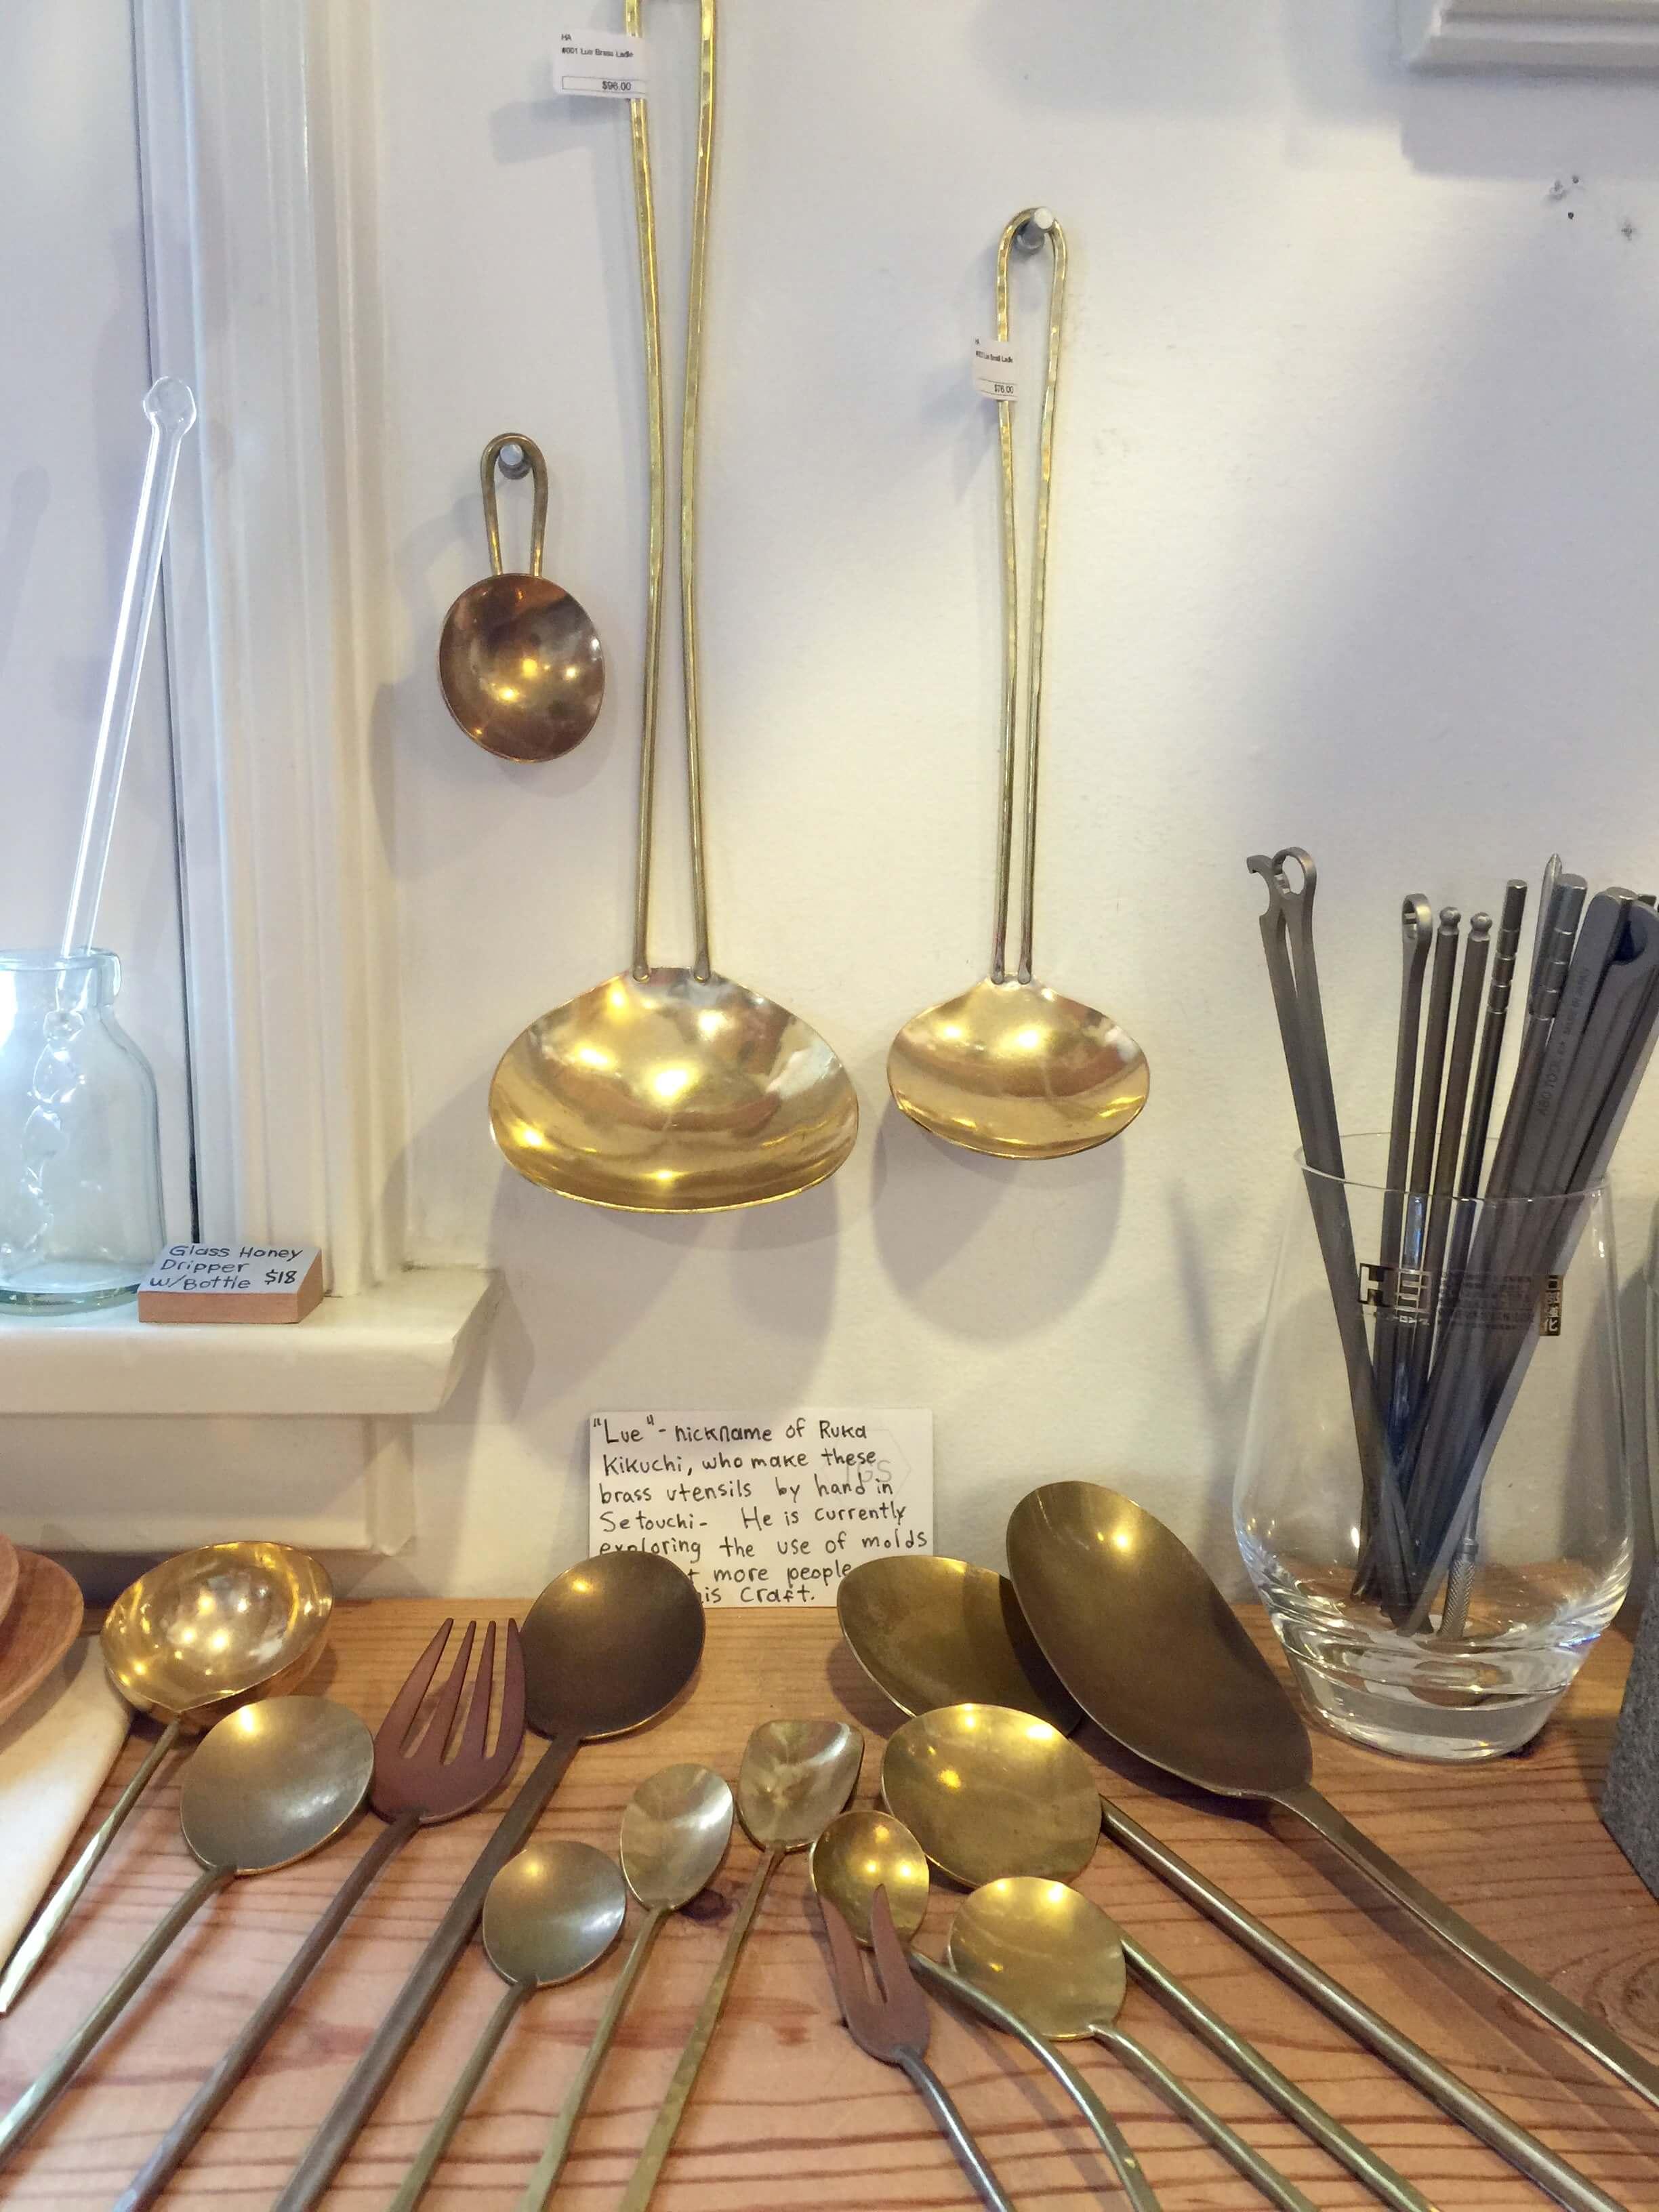 Handmade utensils from Tortoise General Store